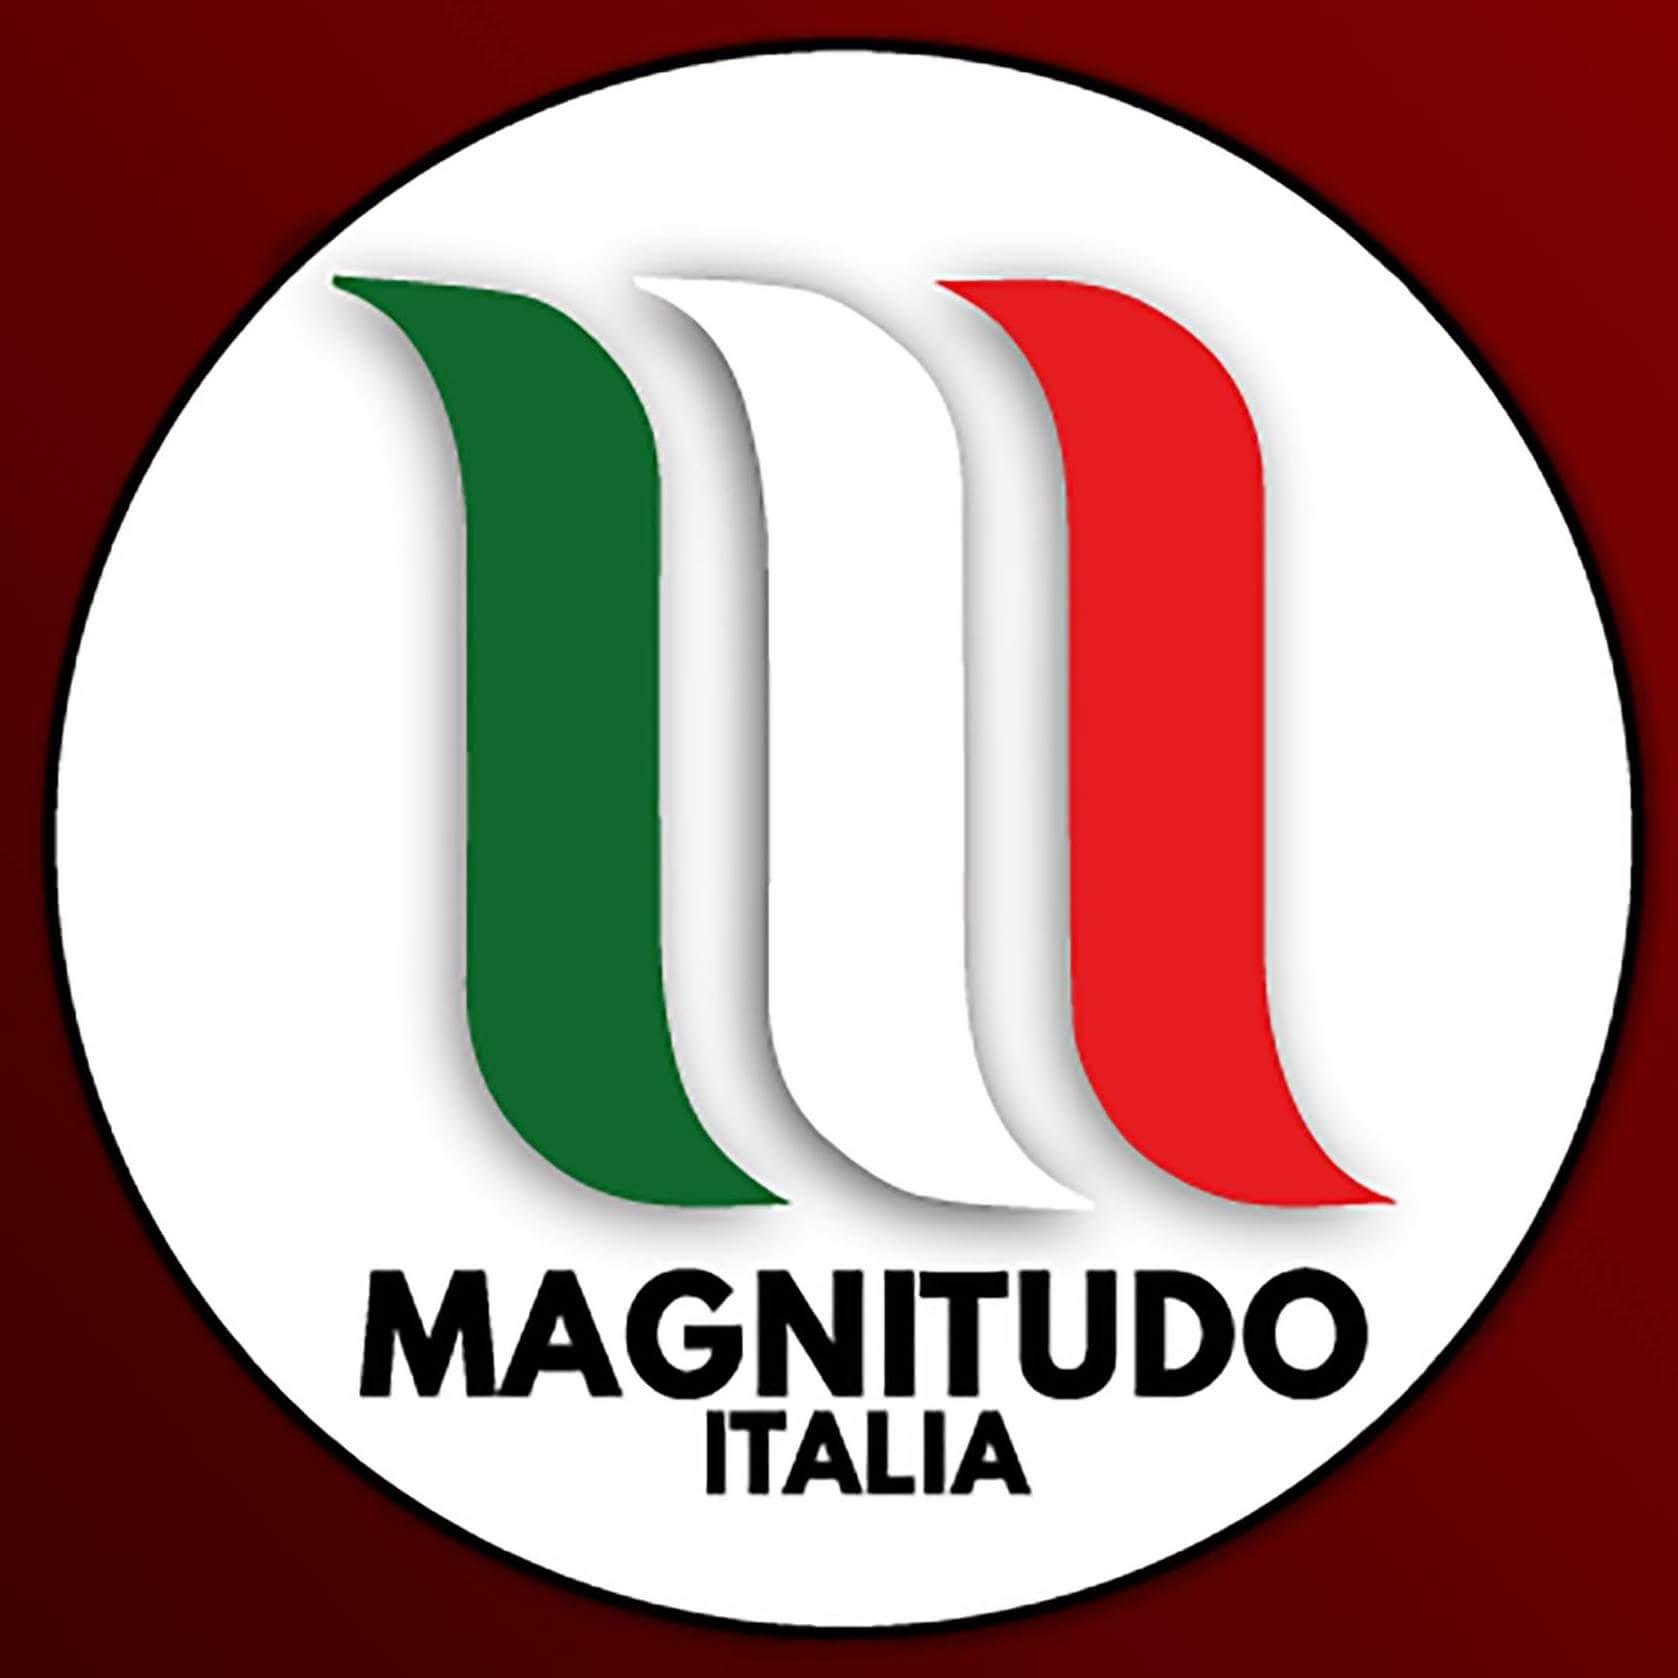 Il logo ufficiale di Magnitudo Italia